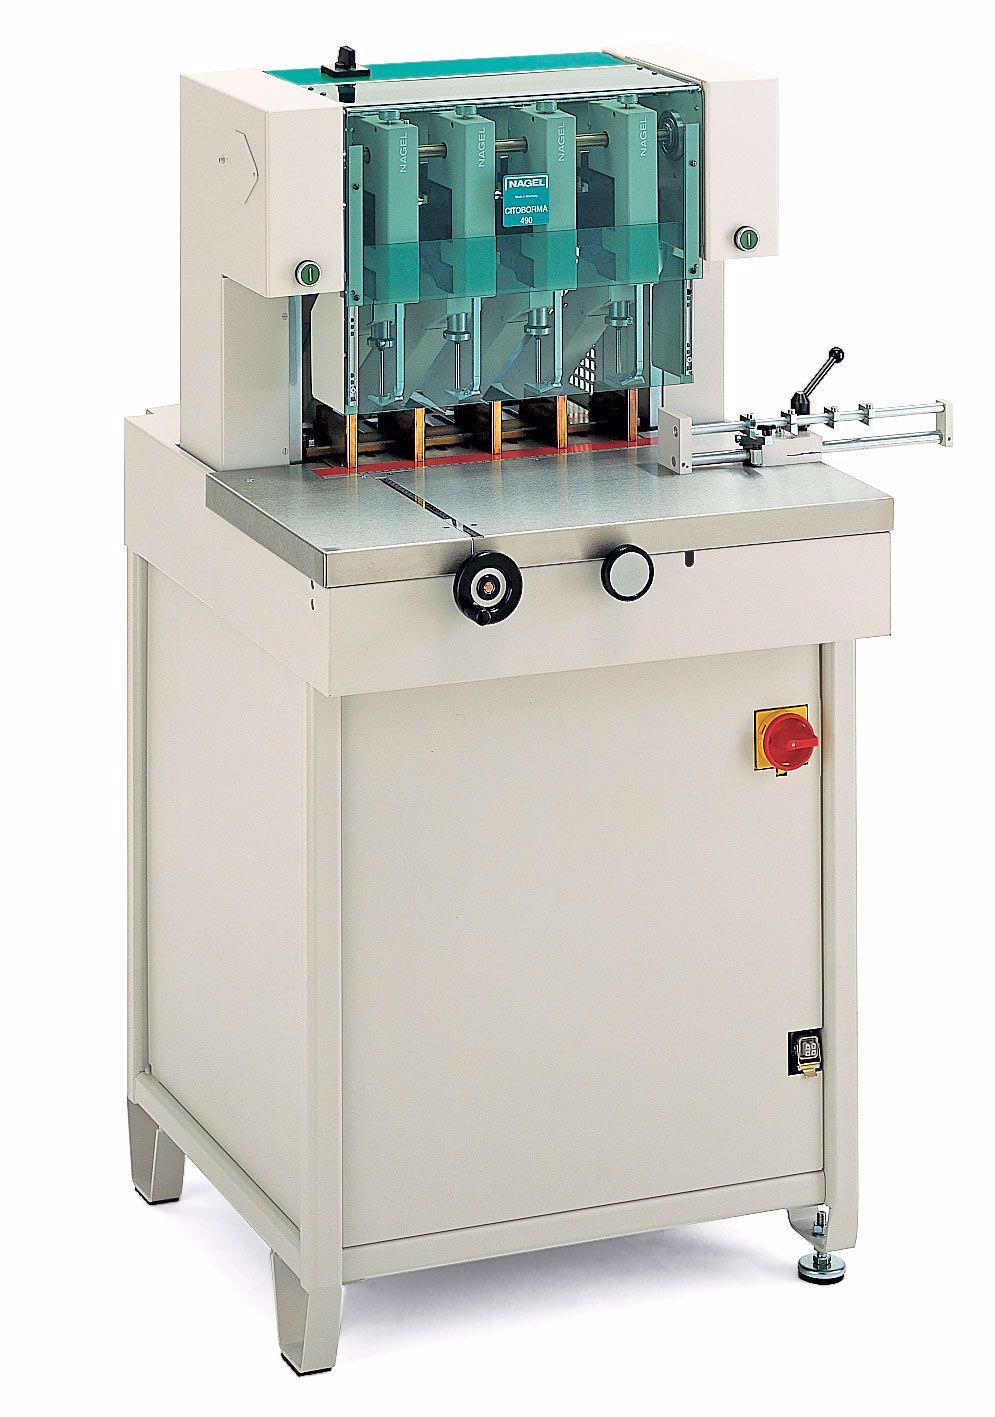 Picture of Citoborma 490 Drill